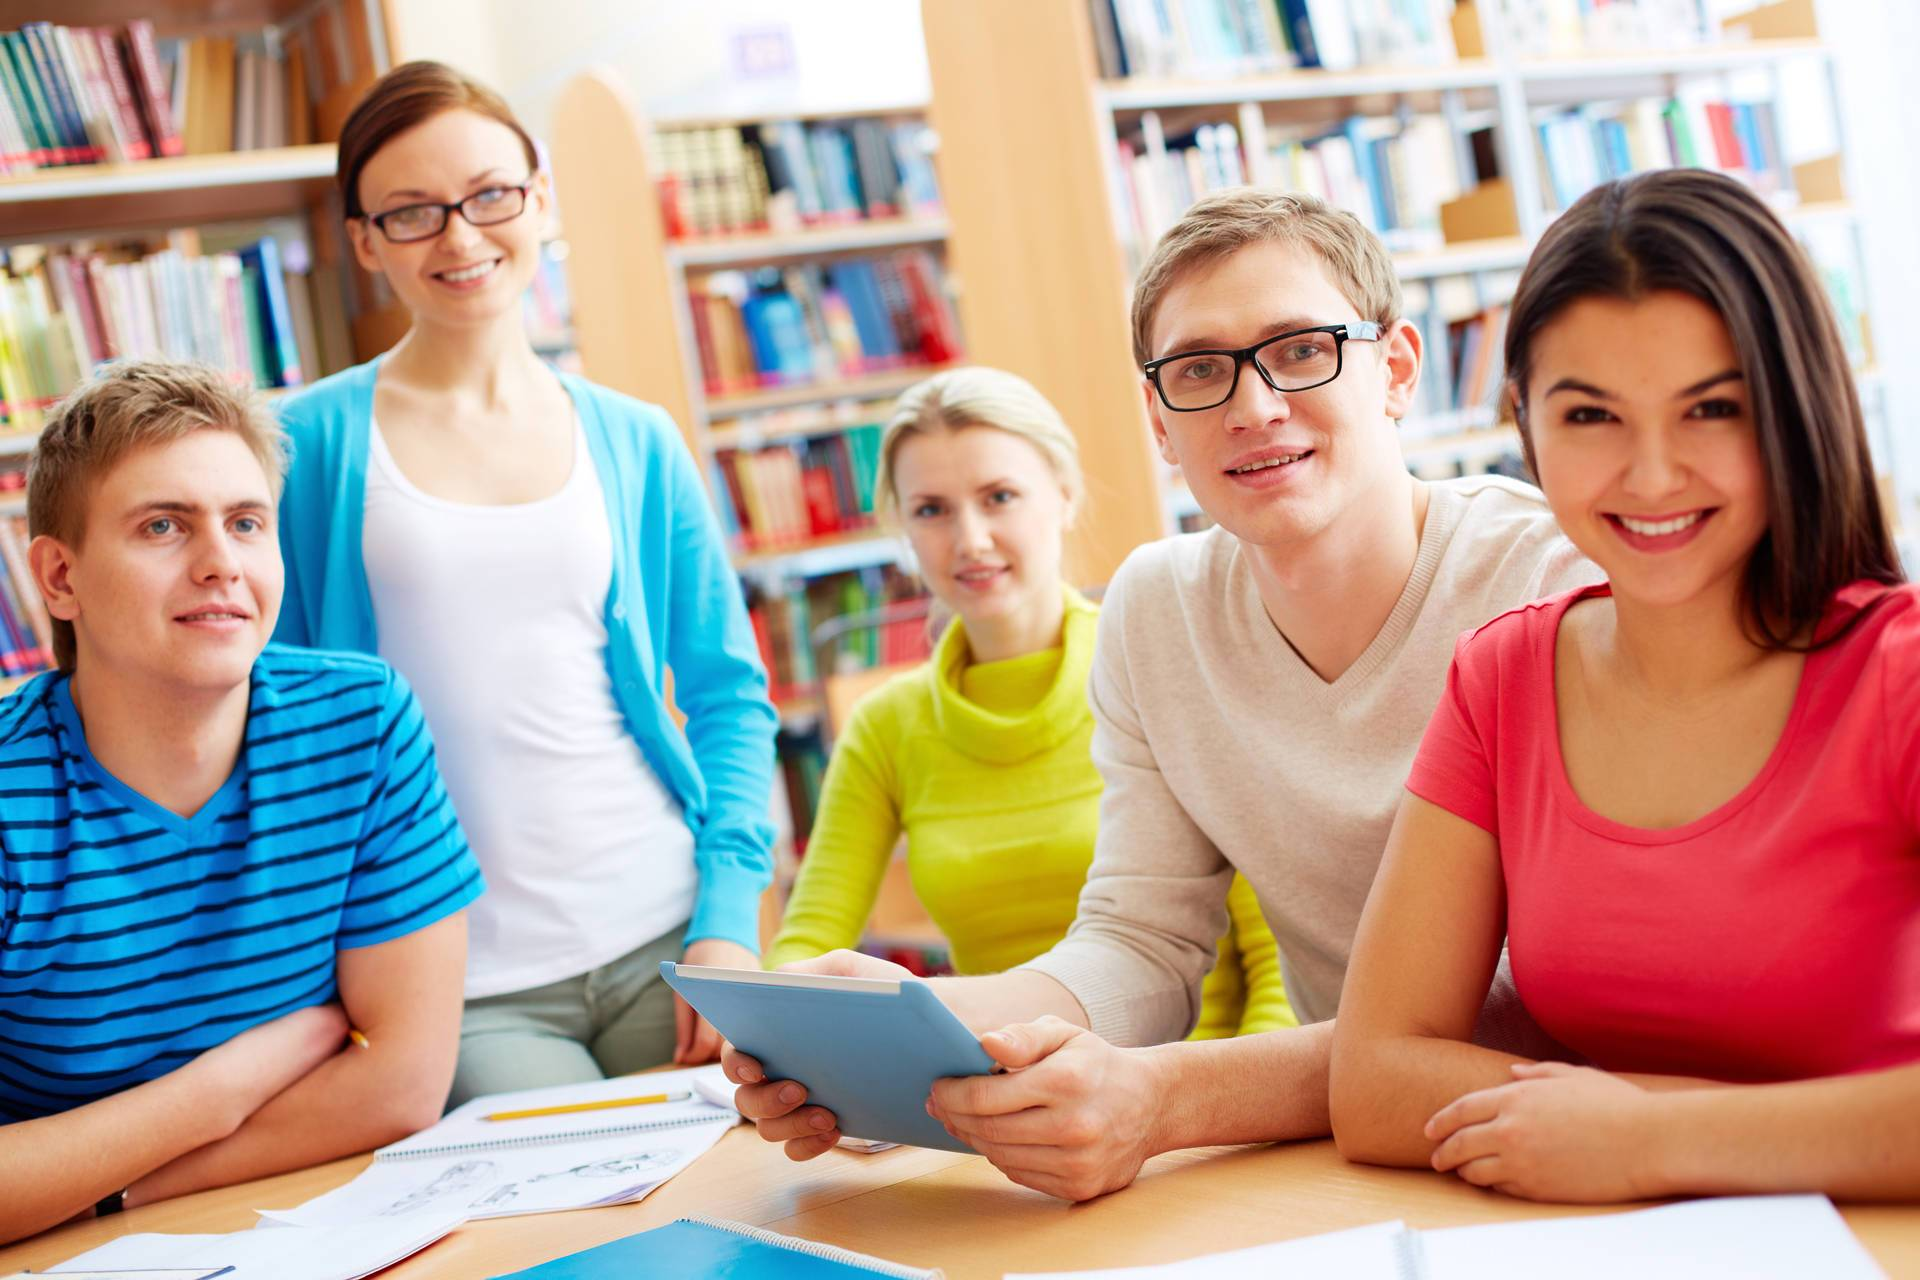 Informacja o odbiorze zaświadczeń z wynikami egzaminu ósmoklasisty